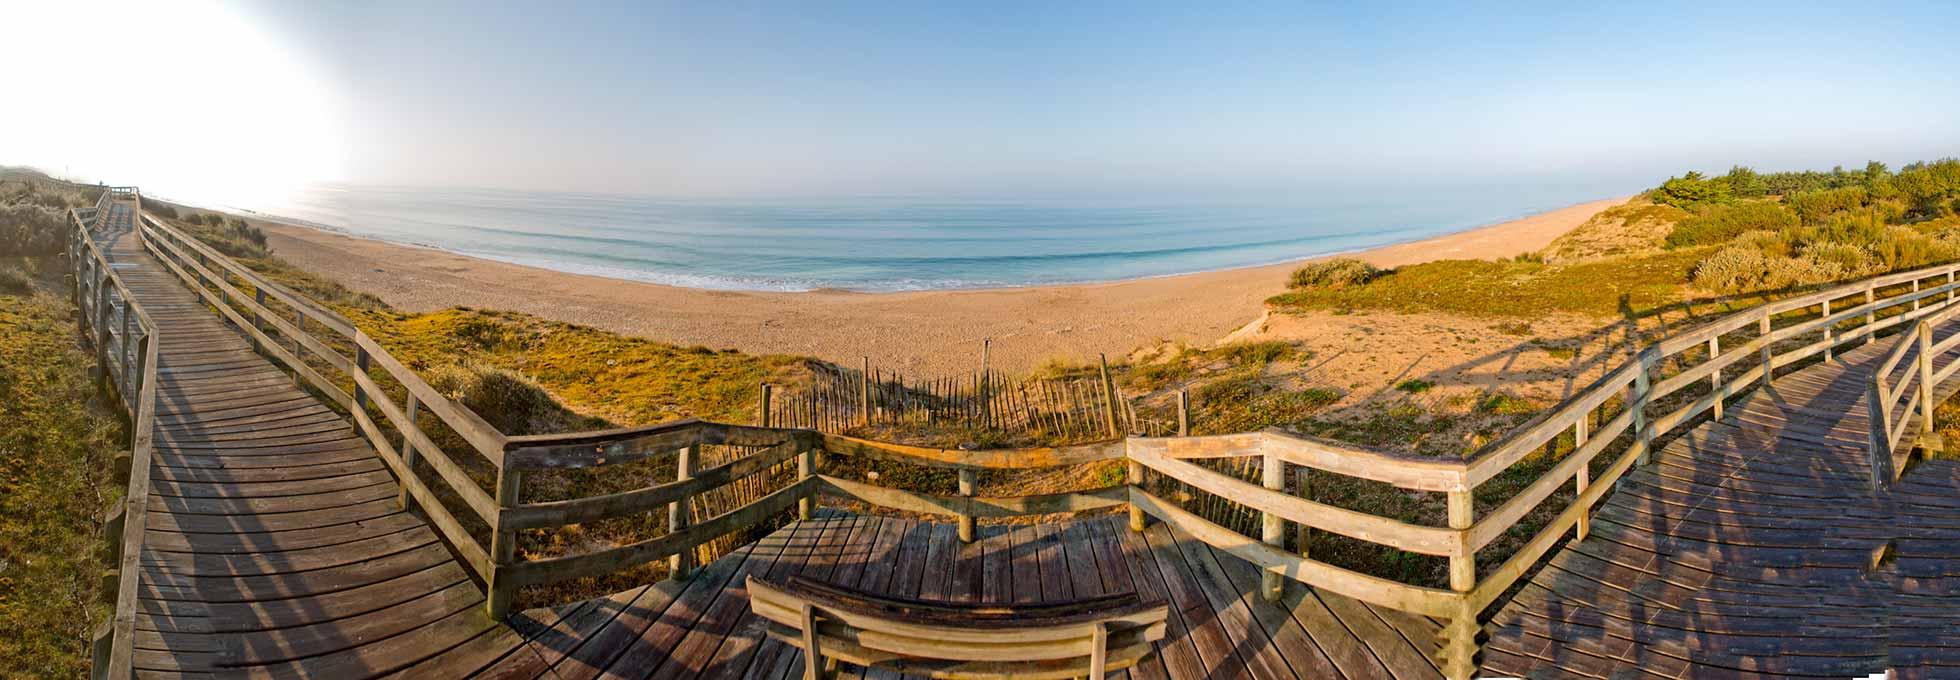 Camping Ile De Ré Bois Plage - Le Bois plage en Re tourisme village du bois plage depuis camping